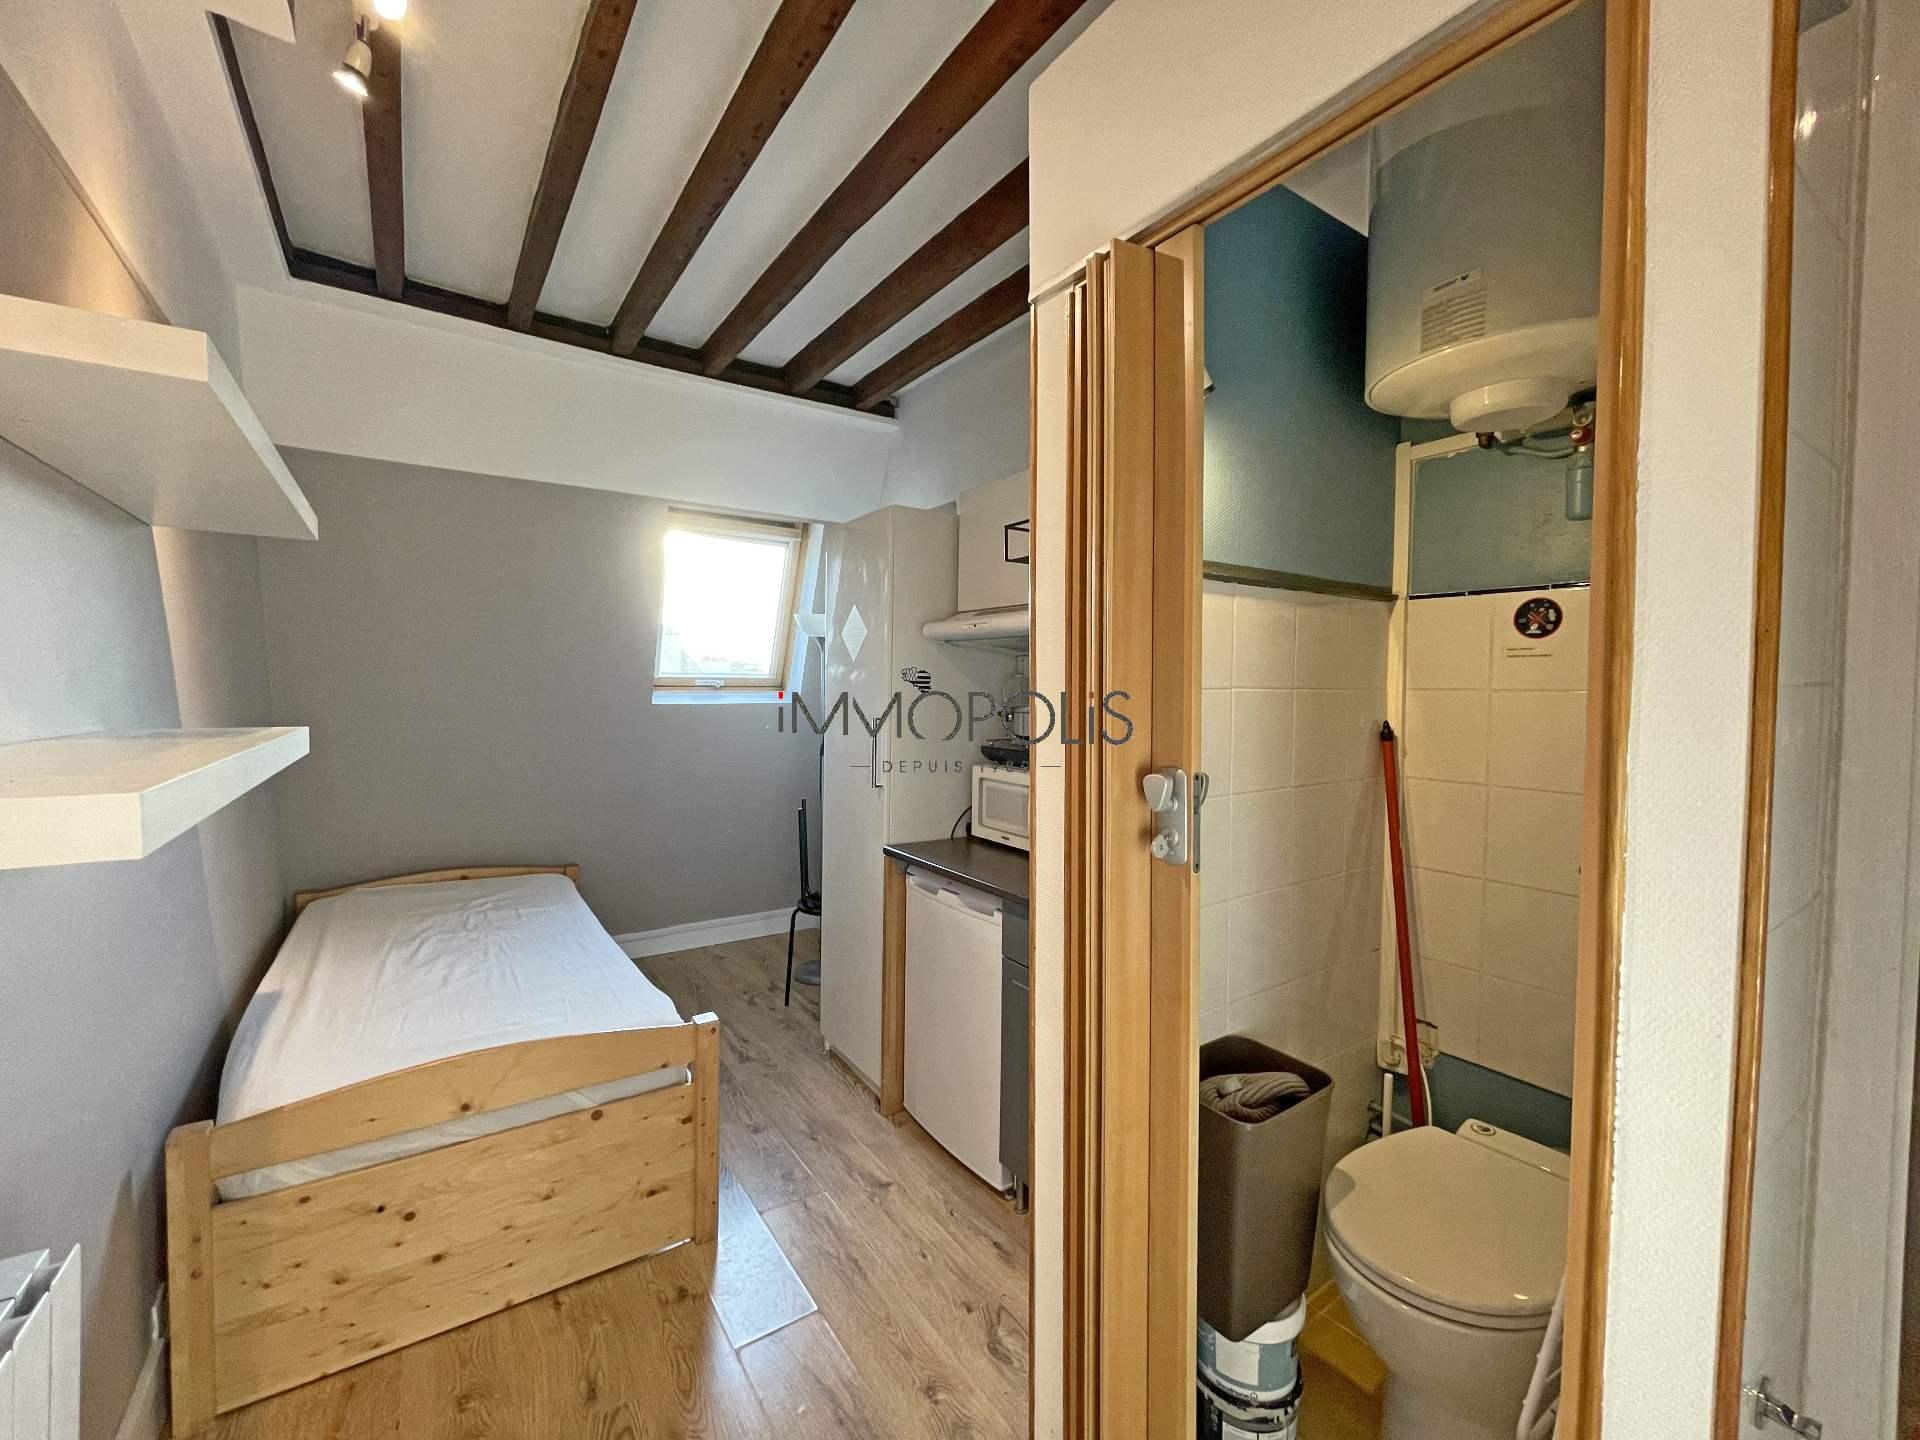 Quartier Europe (rue Clapeyron dans le 8ème arrondissement), studio louable légalement de 9,88 M² loi Carrez situé dans un magnifique immeuble bien entretenu 6